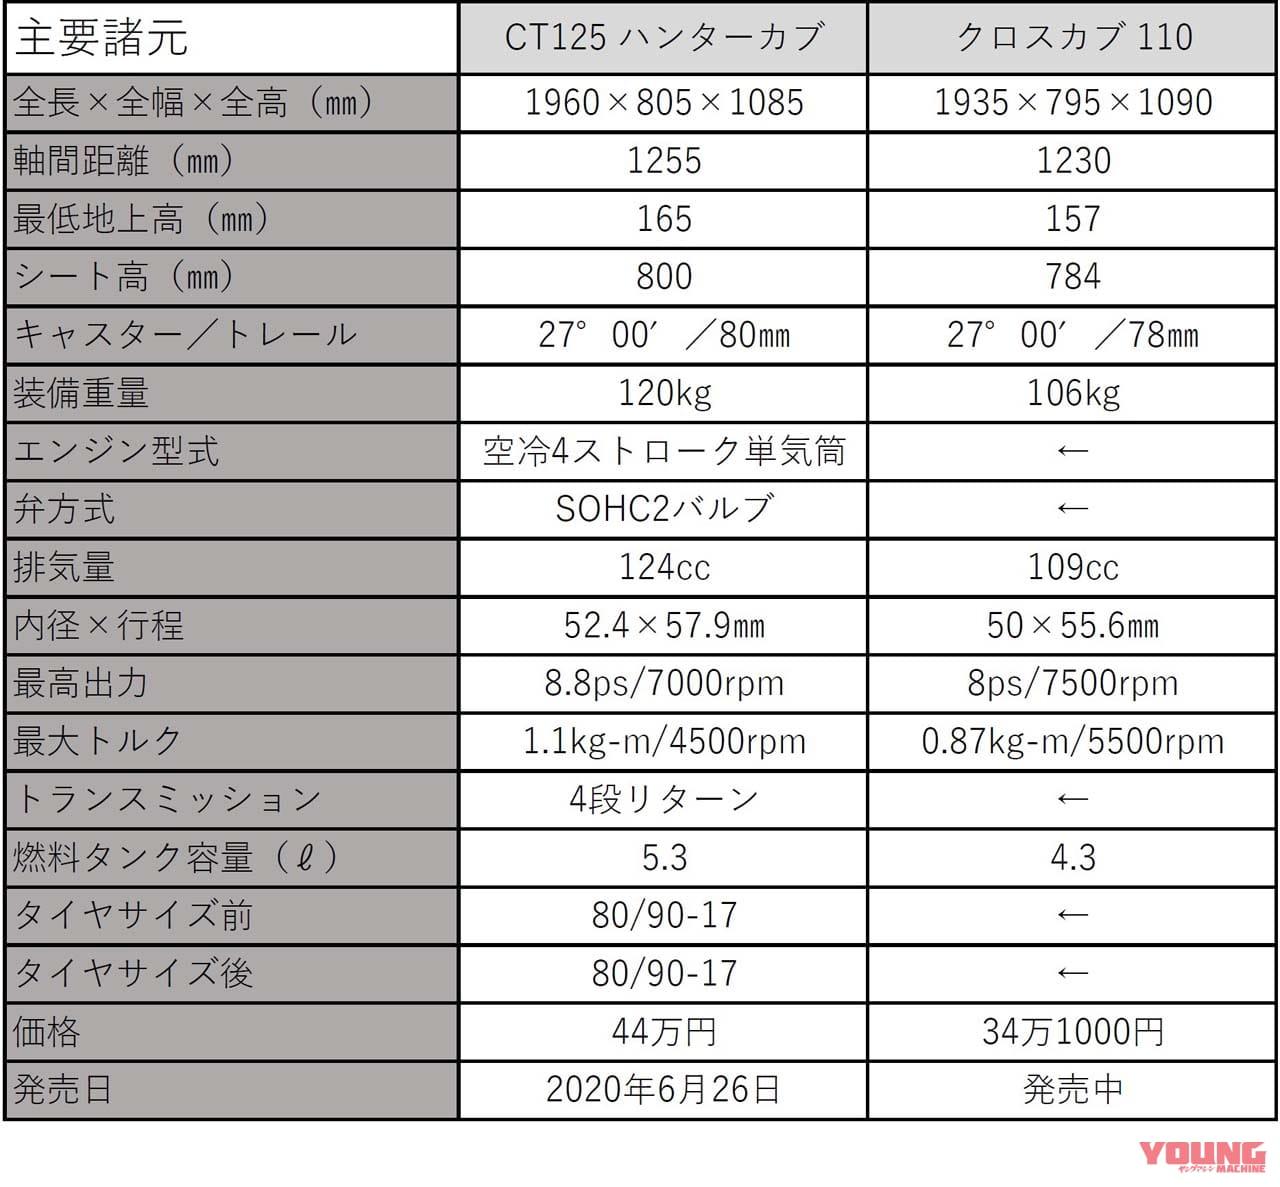 CT125ハンターカブとクロスカブ110のスペック比較